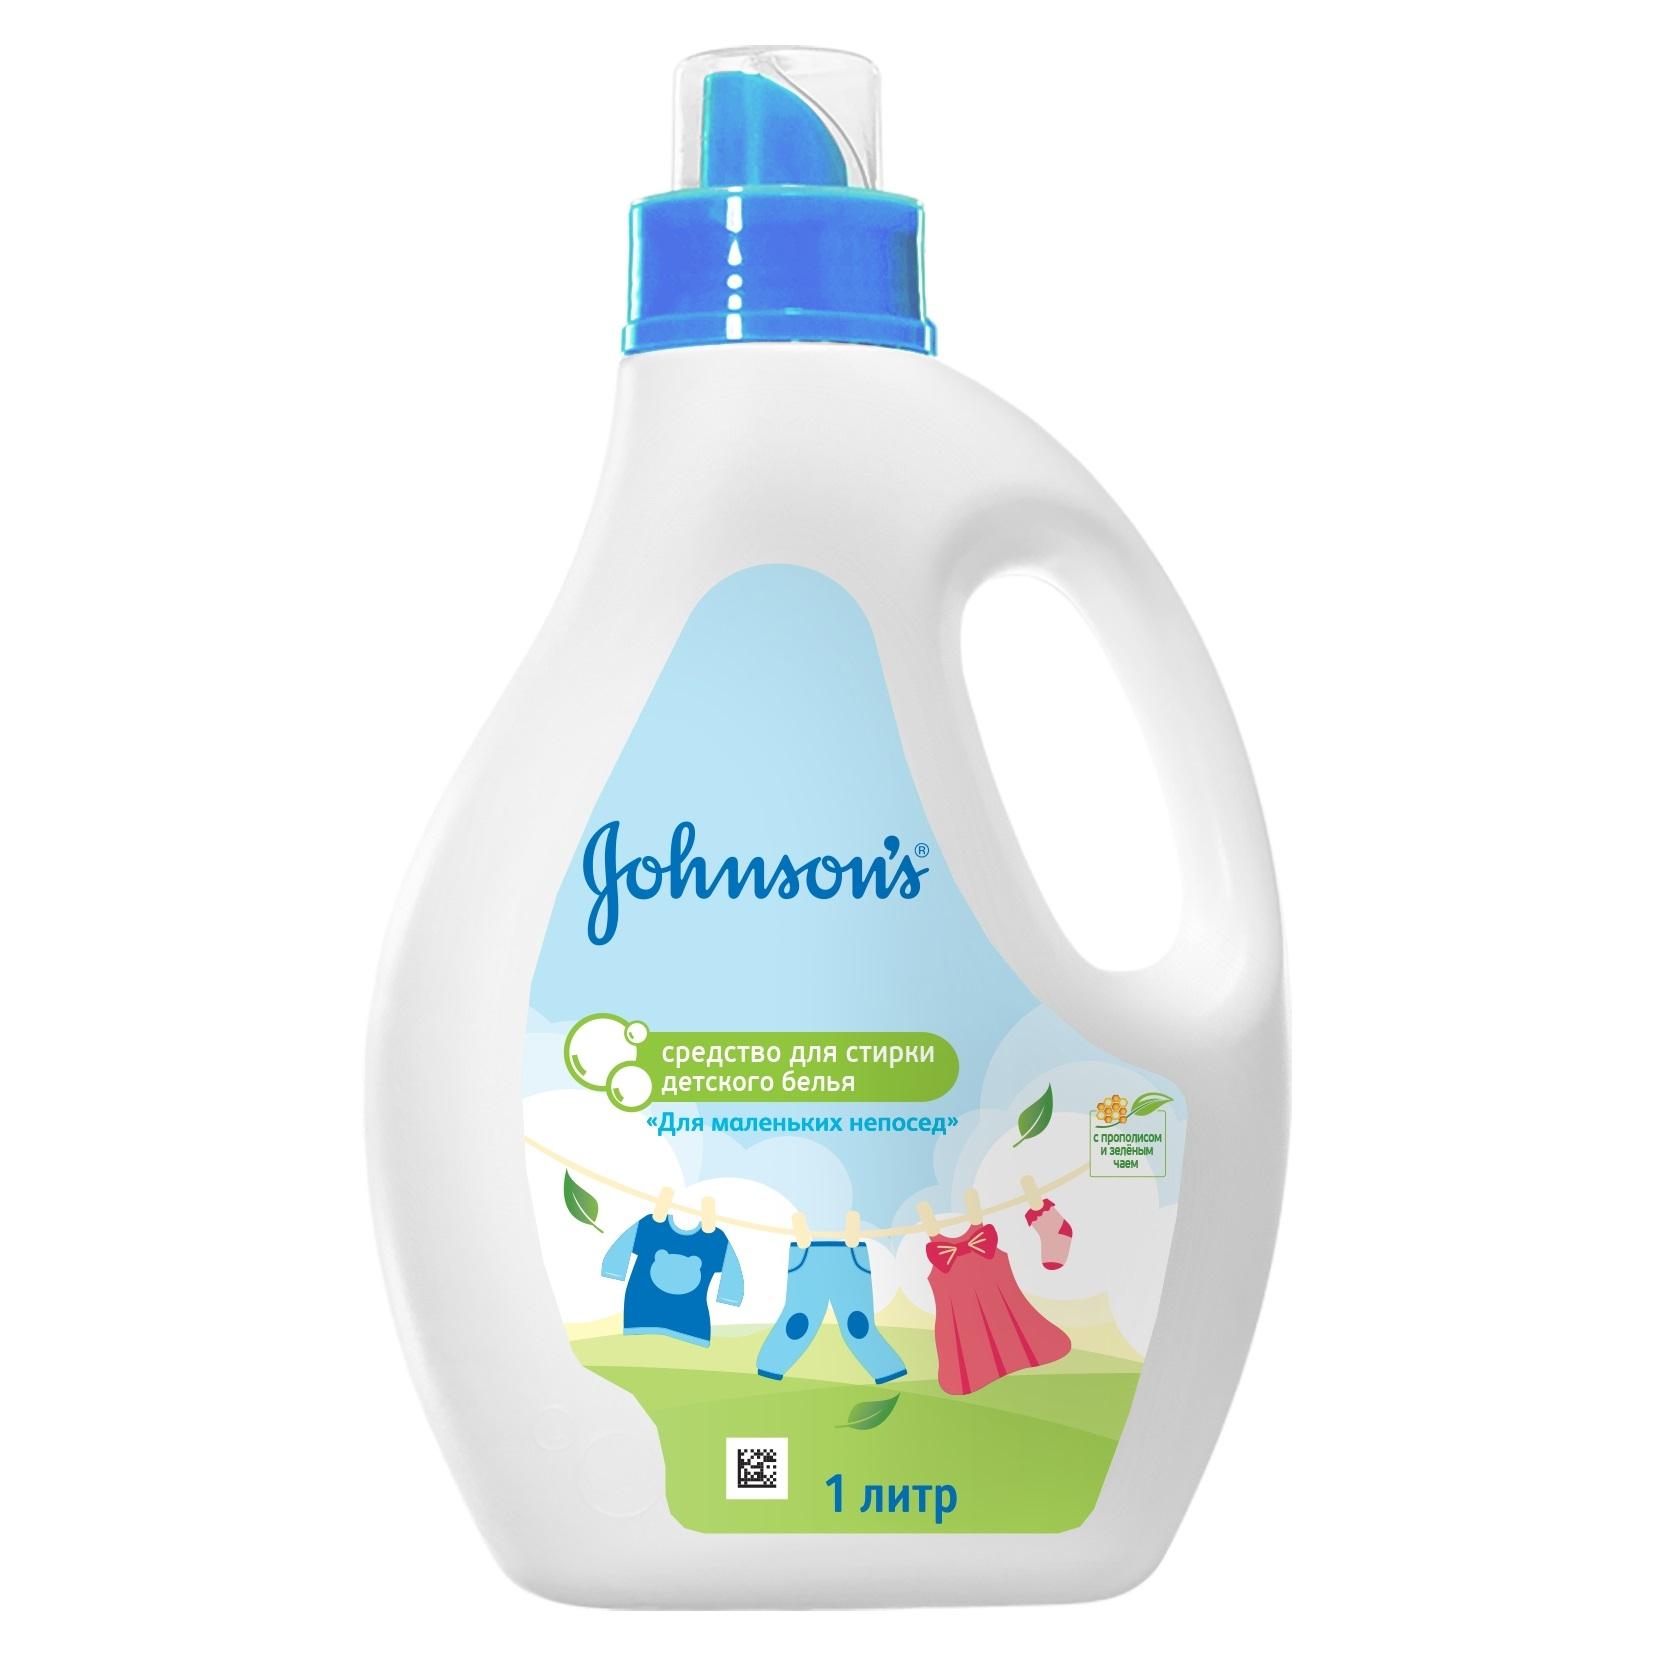 Средство для стирки детского белья Johnson's baby Для маленьких непосед средство для стирки детского белья для маленьких непосед 1 л johnsons baby для стирки